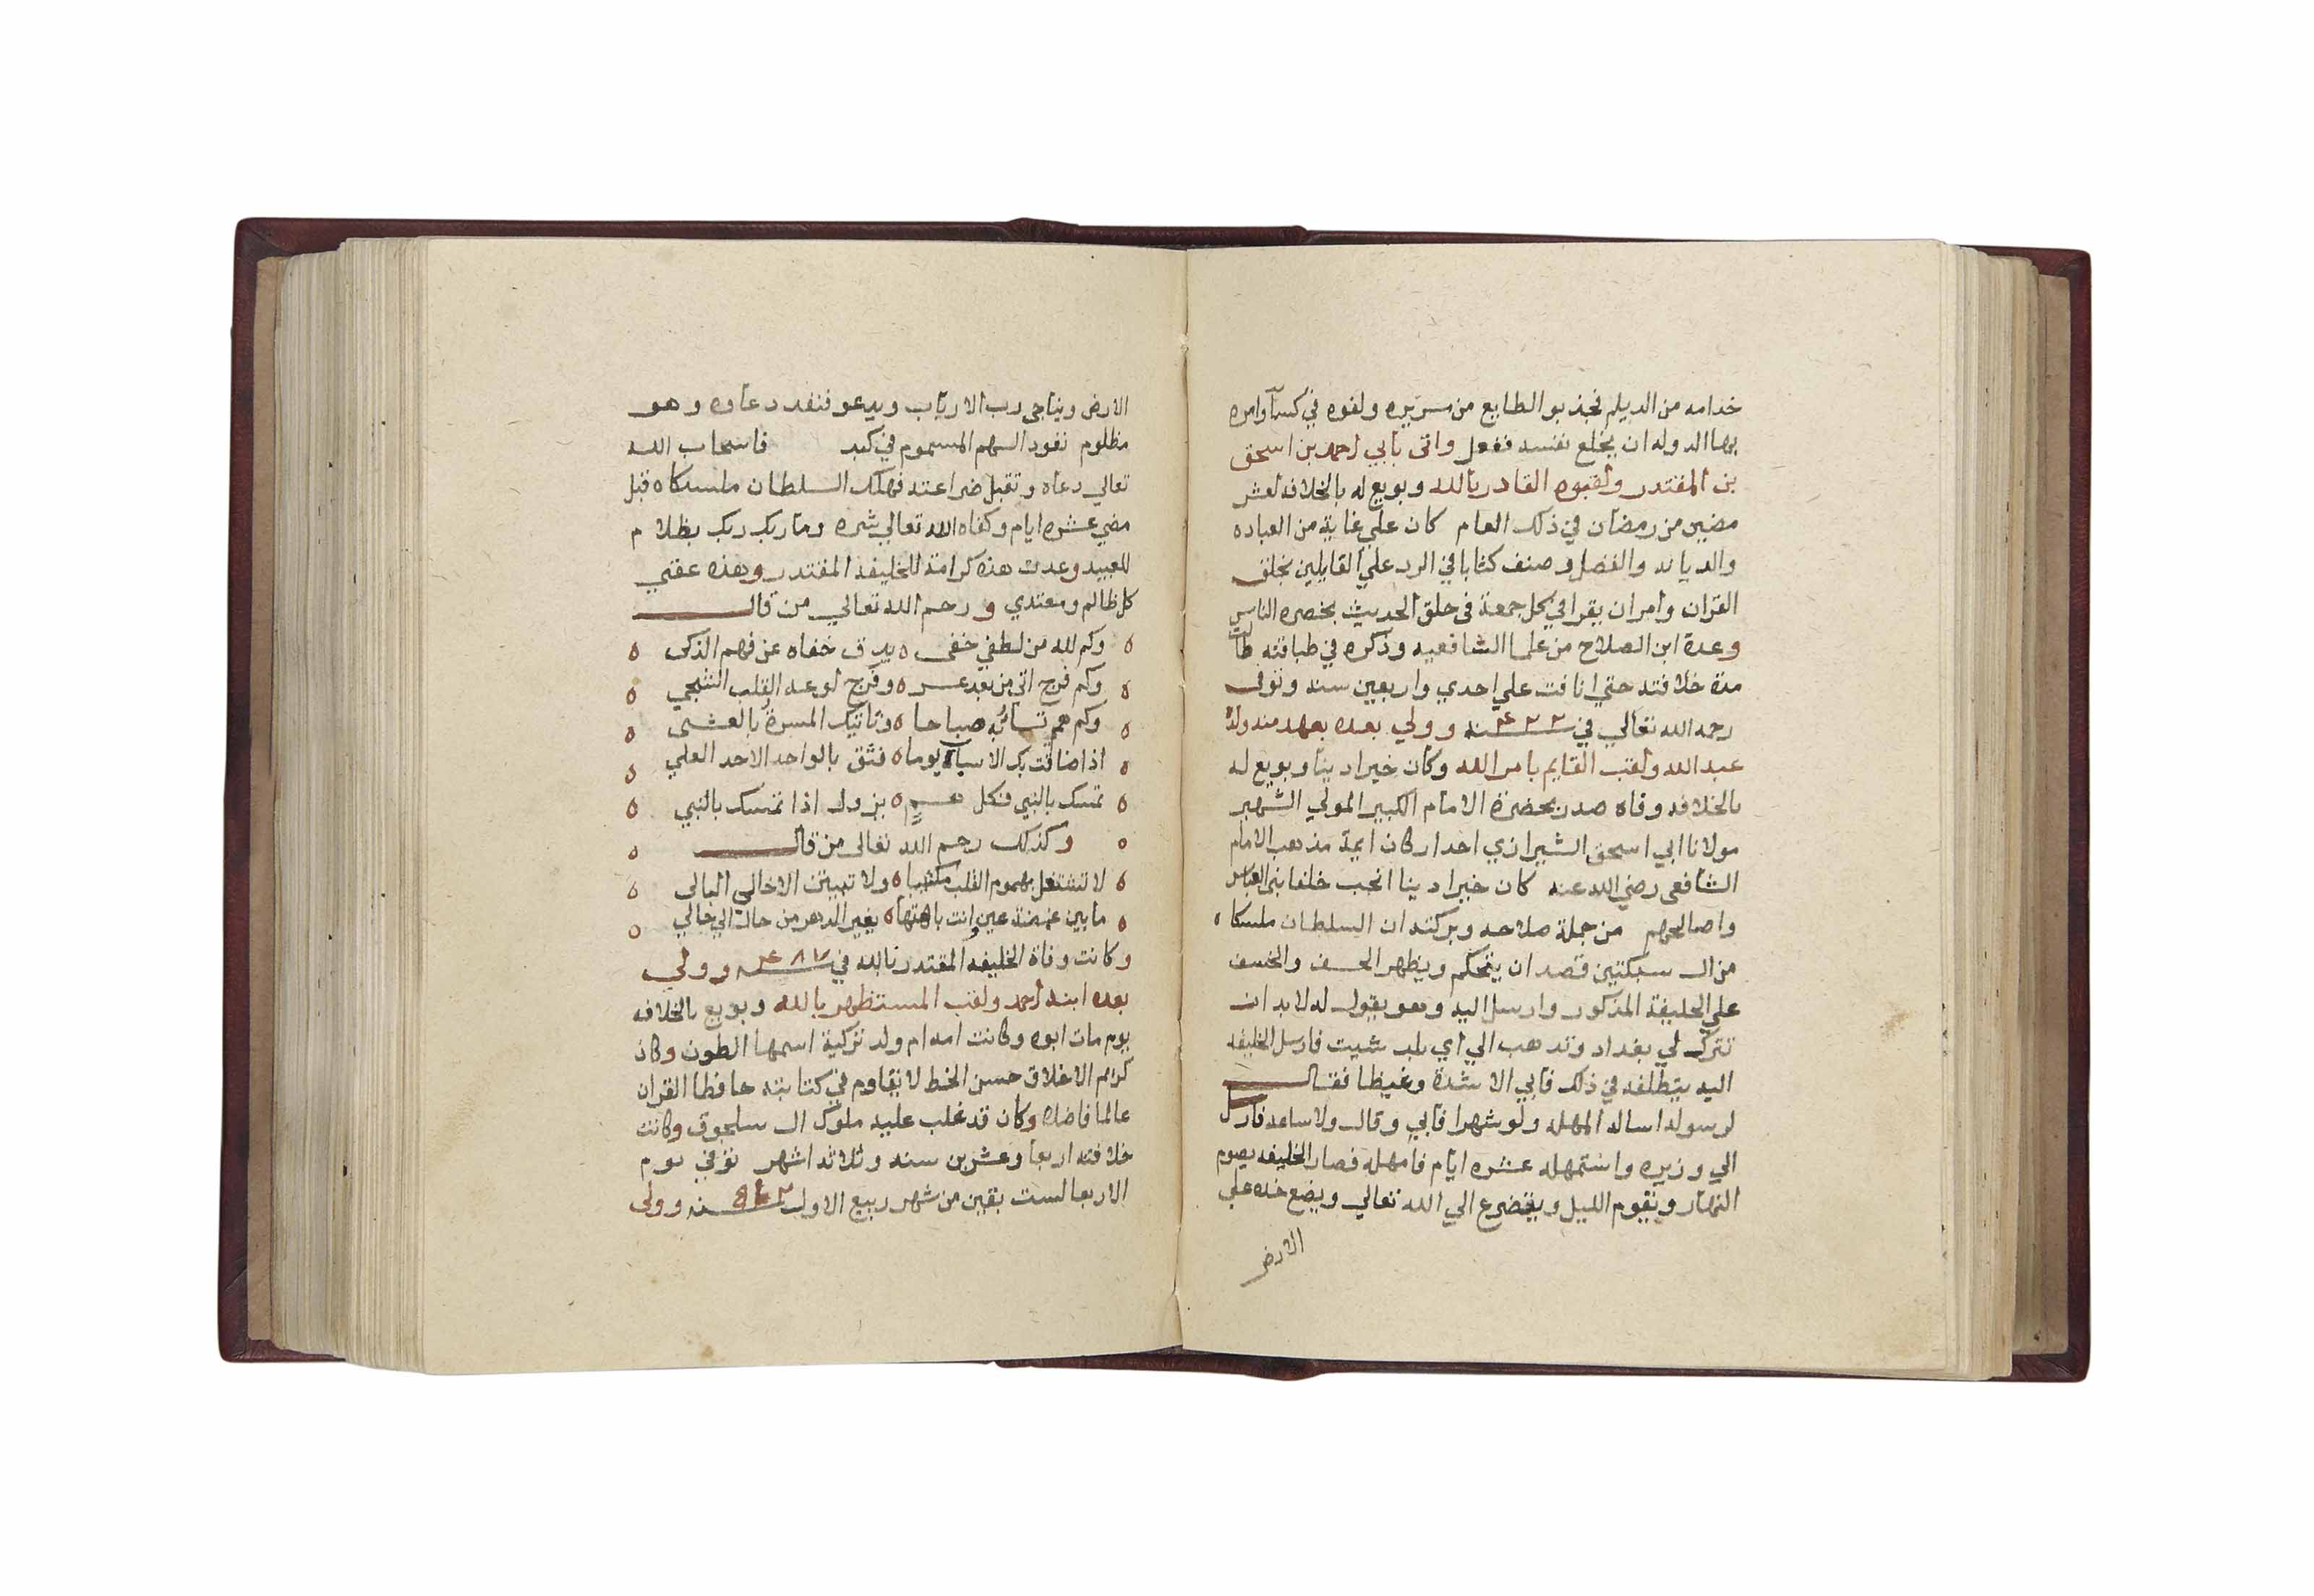 QUTB AL-DIN MUHAMMAD BIN AHMAD AL-MAKKI AL-HANAFI (D. 1572-73 AD): AL-A'LAM BI I'LAM BALAD ALLAH AL-HARAM